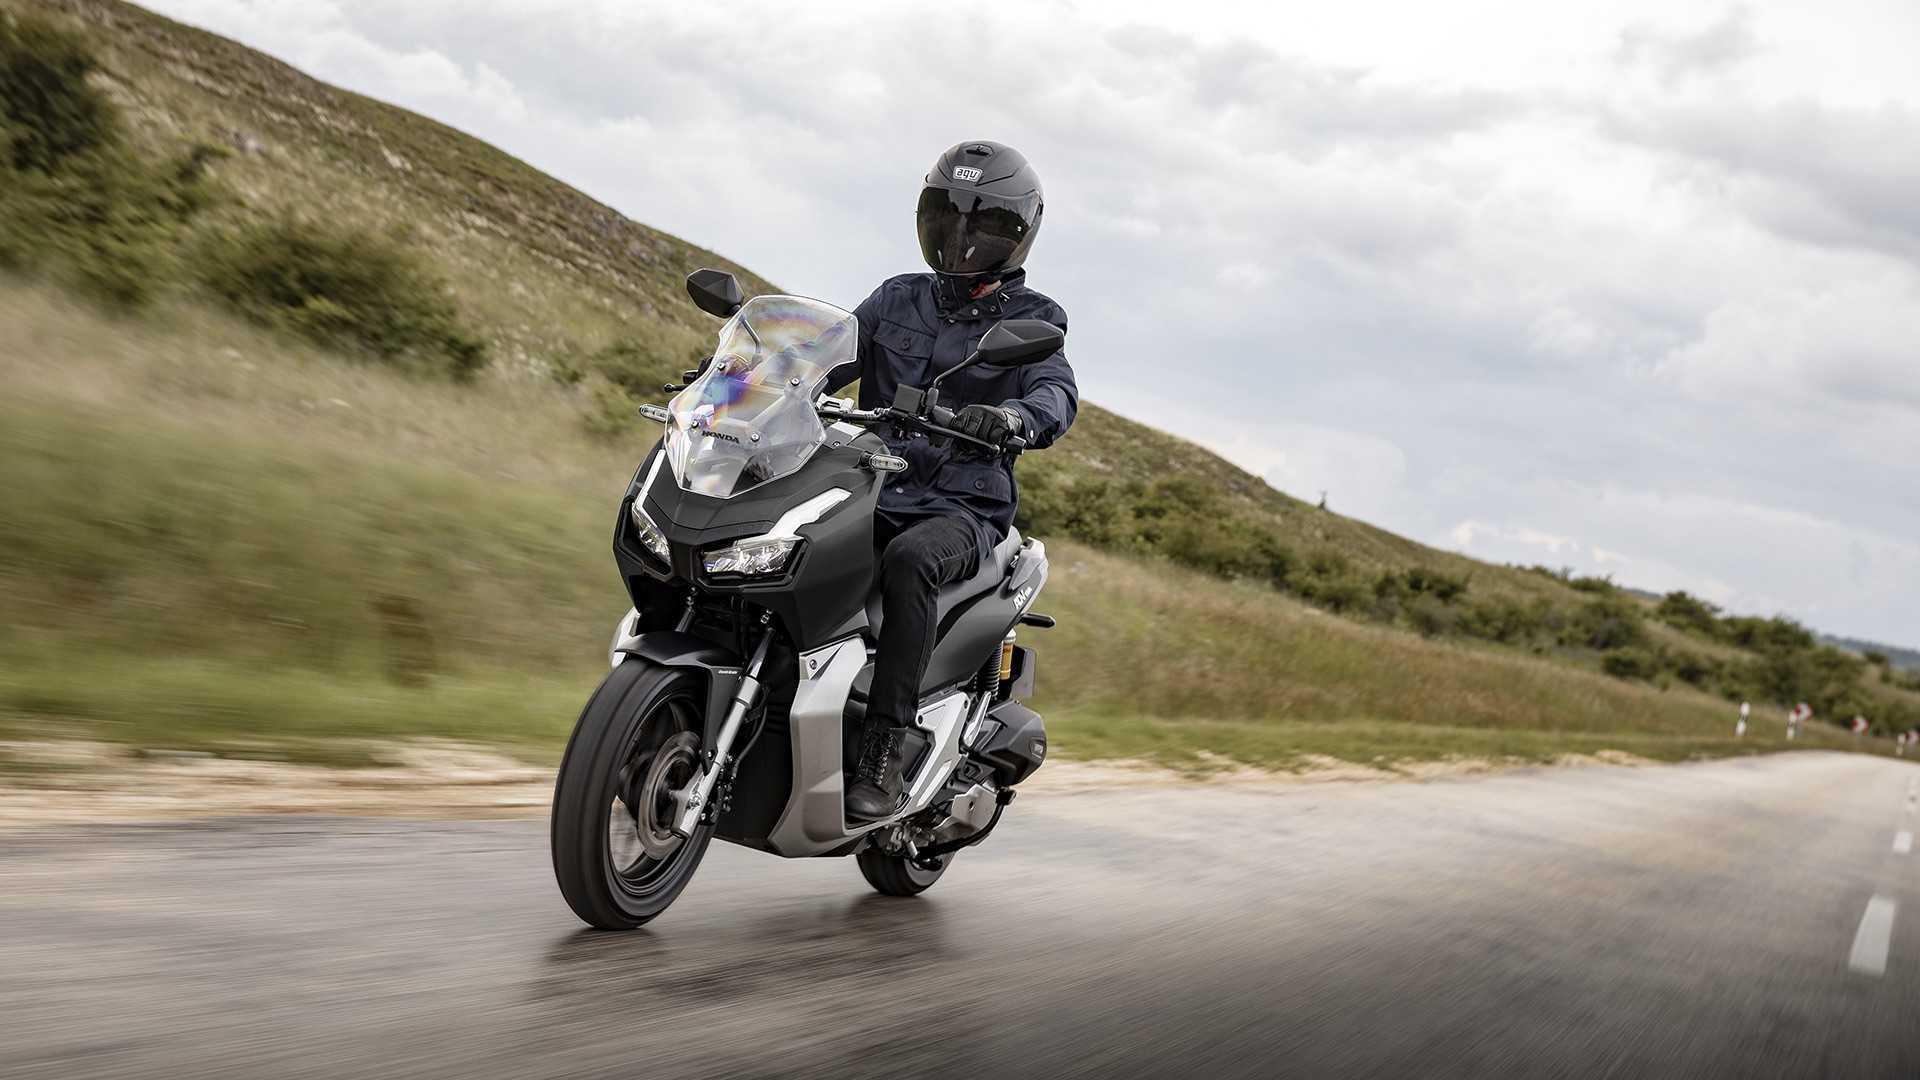 2021 Honda ADV150: Everything We Know